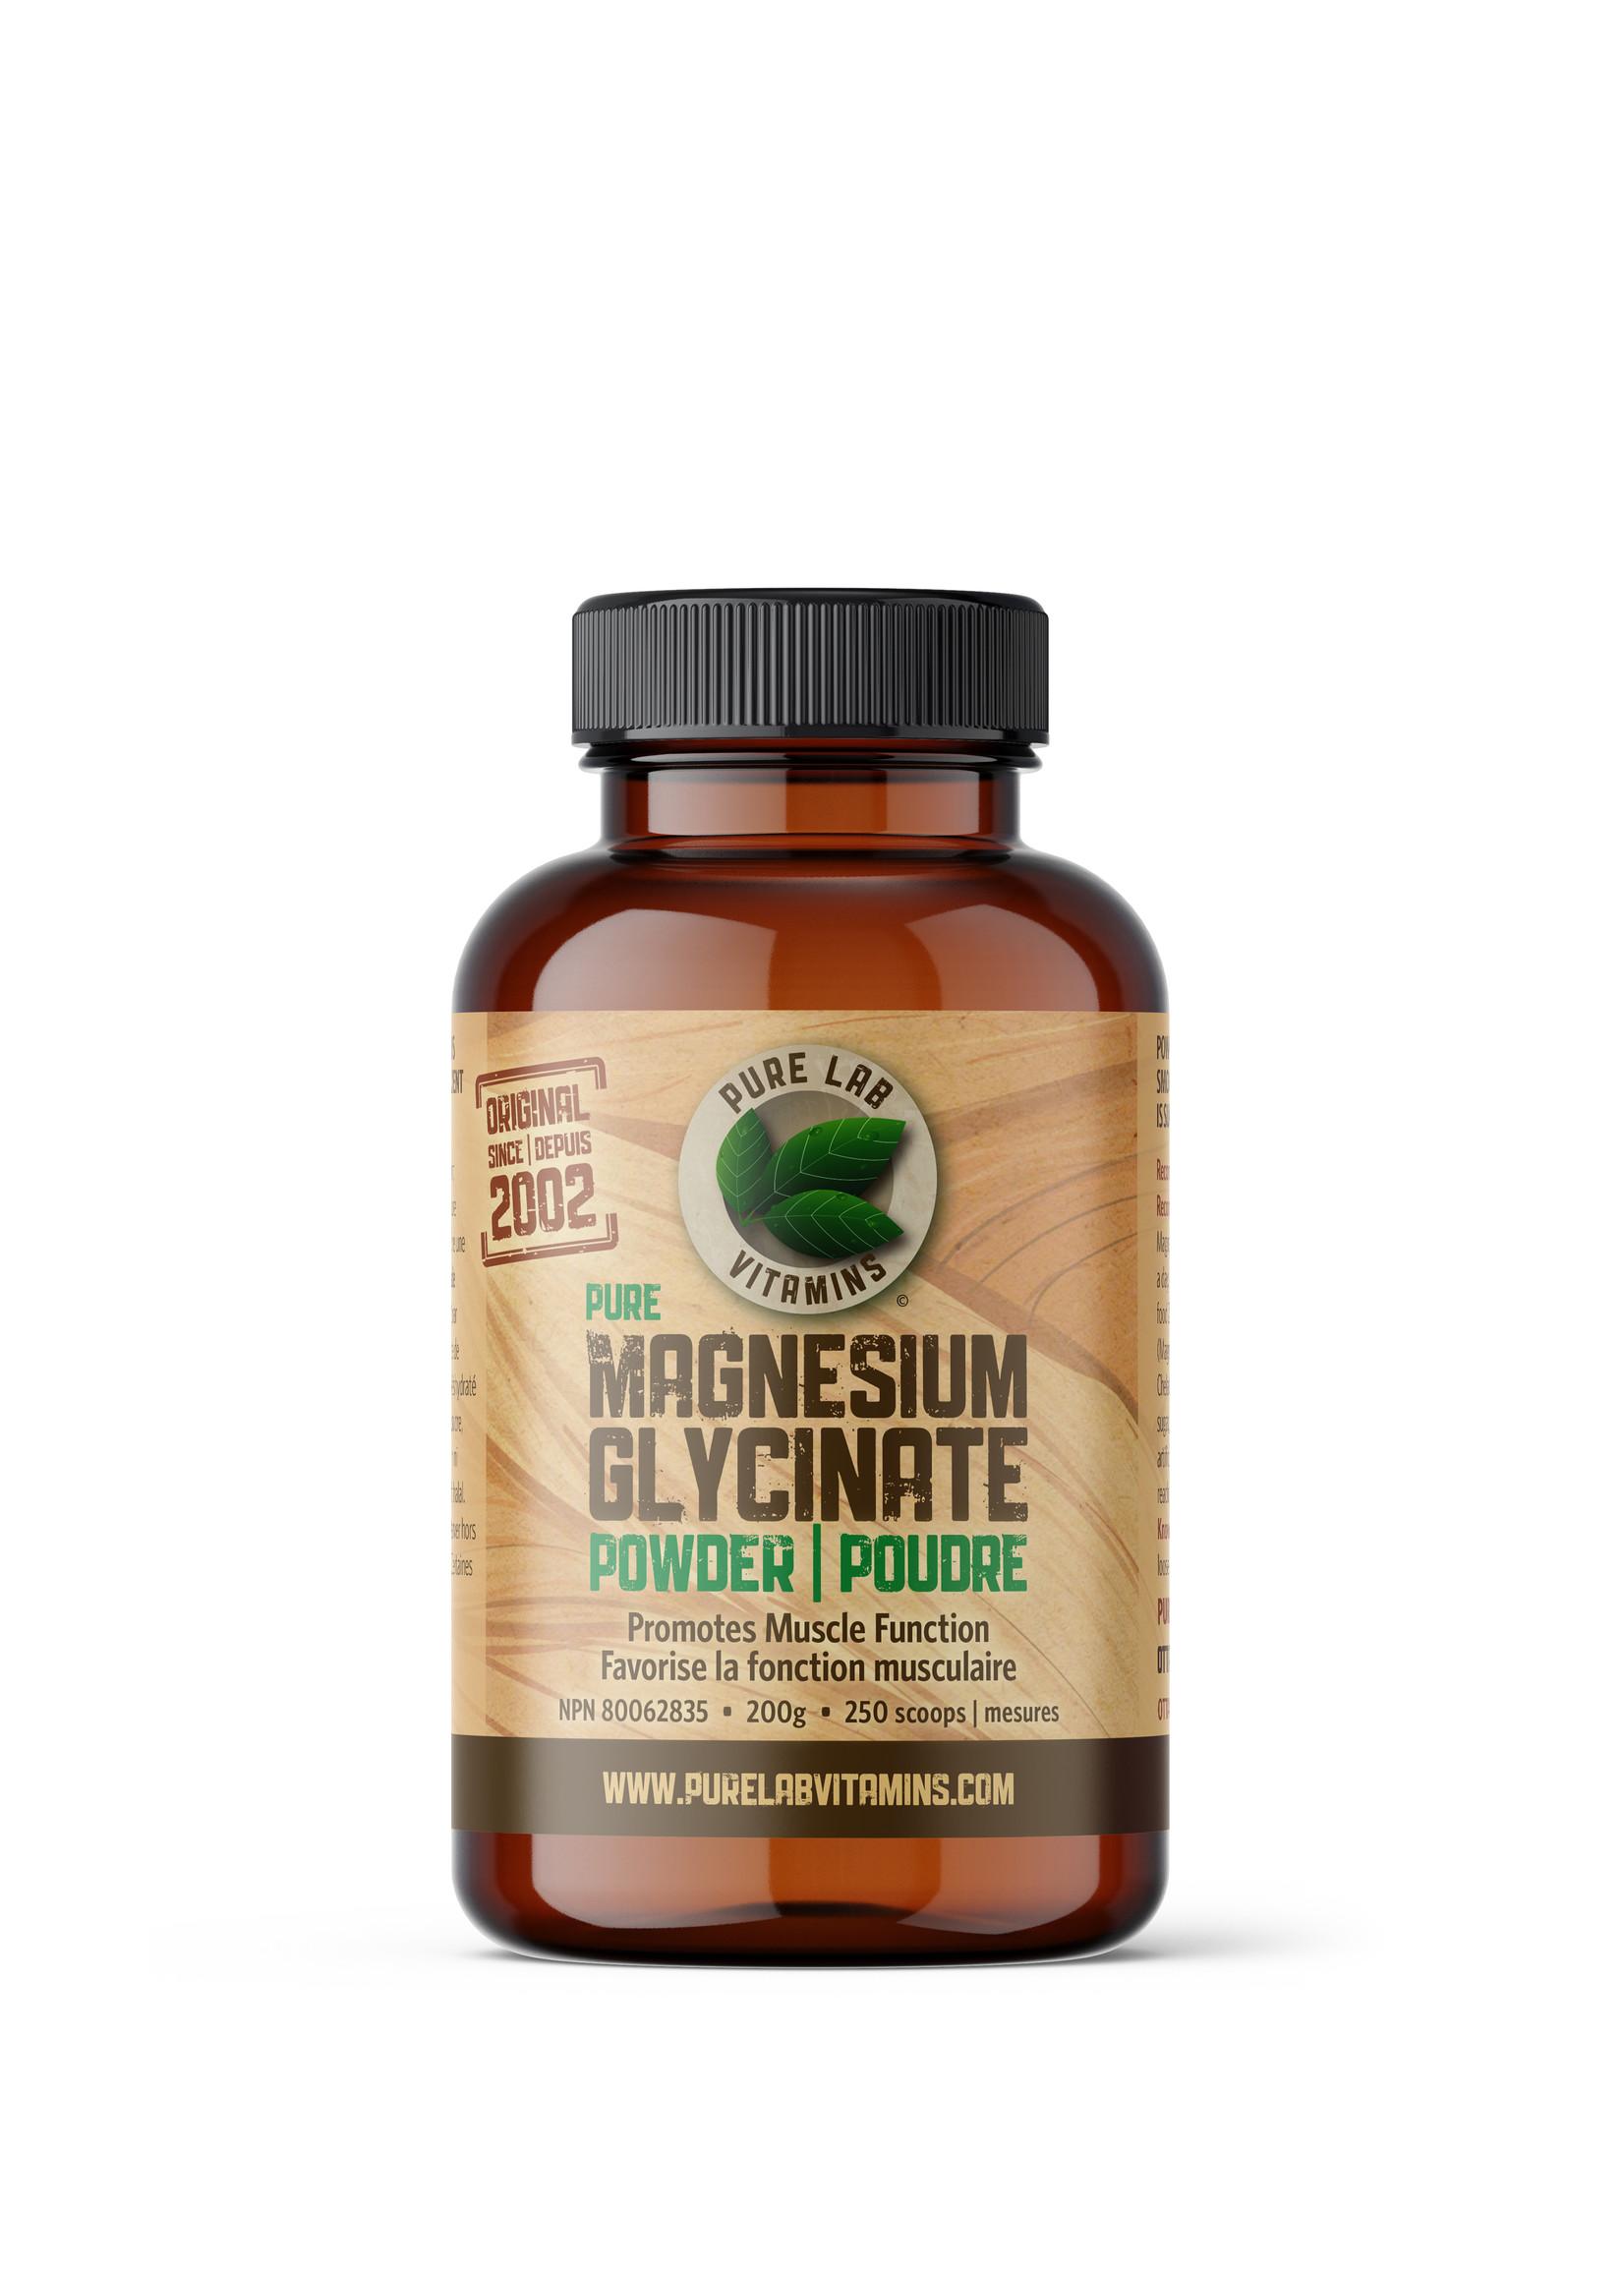 Pure lab Pure Lab Magnesium Glycinate Powder